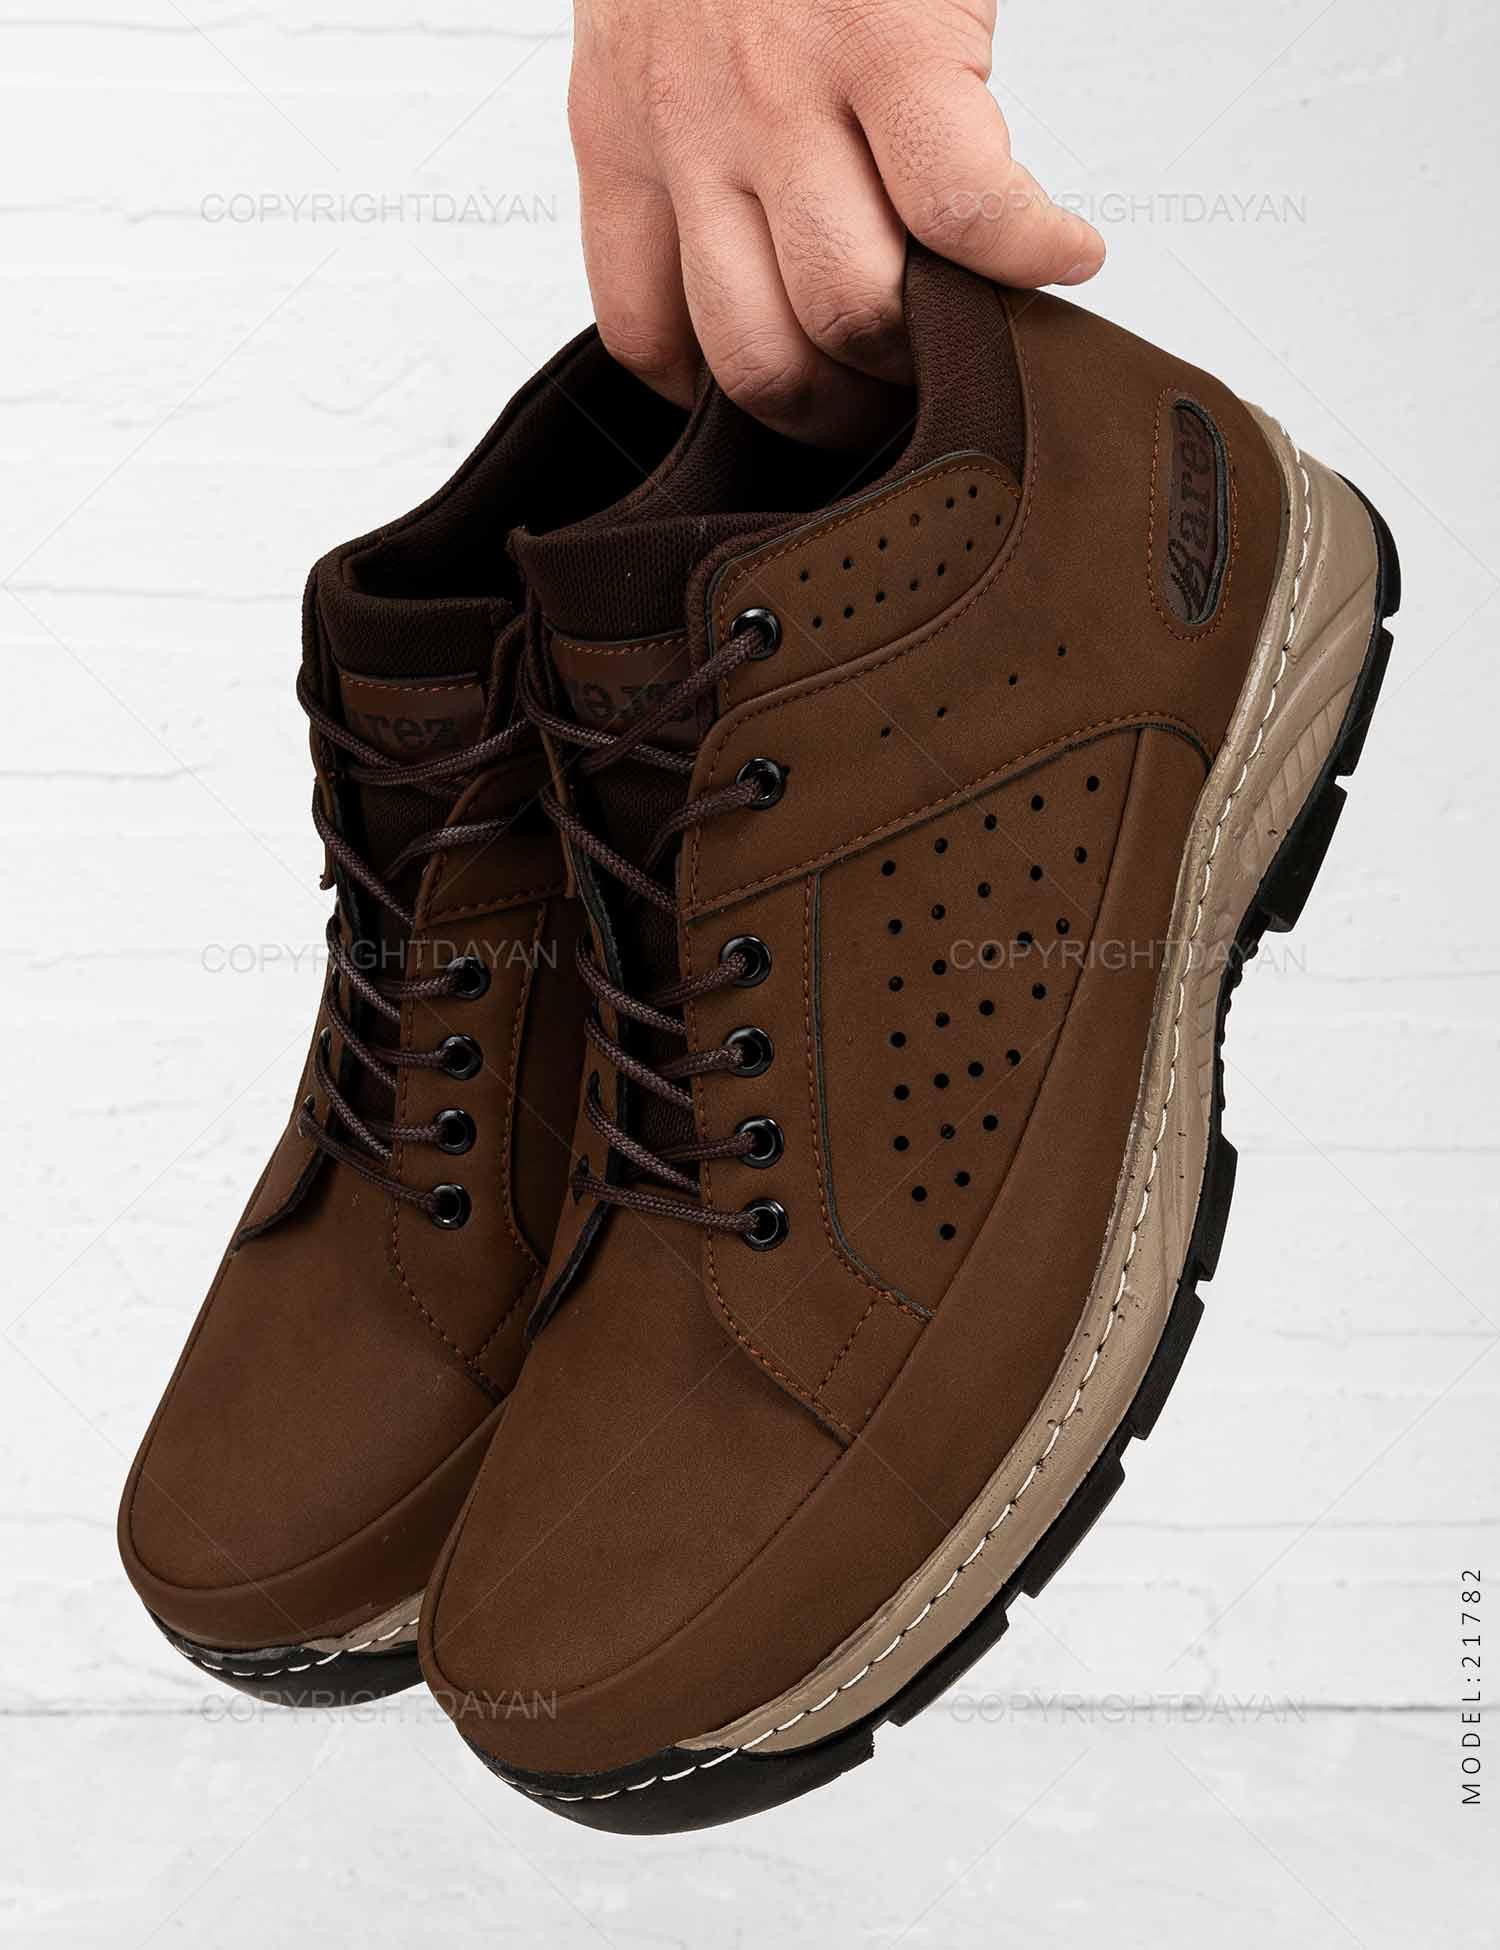 کفش ساقدار مردانه Araz مدل 21782 کفش ساقدار مردانه Araz مدل 21782 229,000 تومان